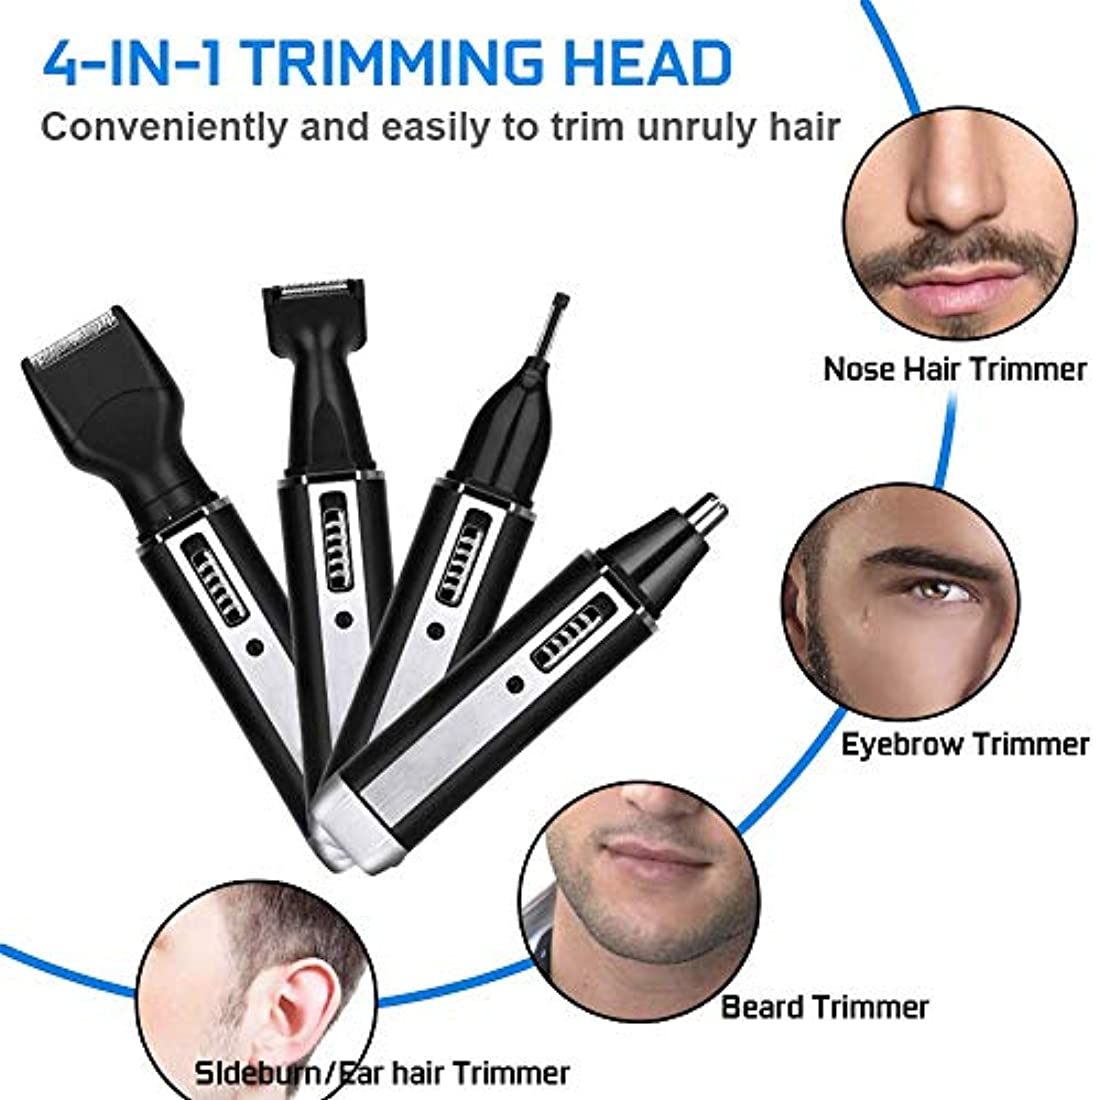 エイズ公園資格鼻毛トリマー - 4in1多機能 ステンレス製 鼻?耳毛カッター 眉シェーバー 耳毛カッター 充電式 女兼用携帯便利